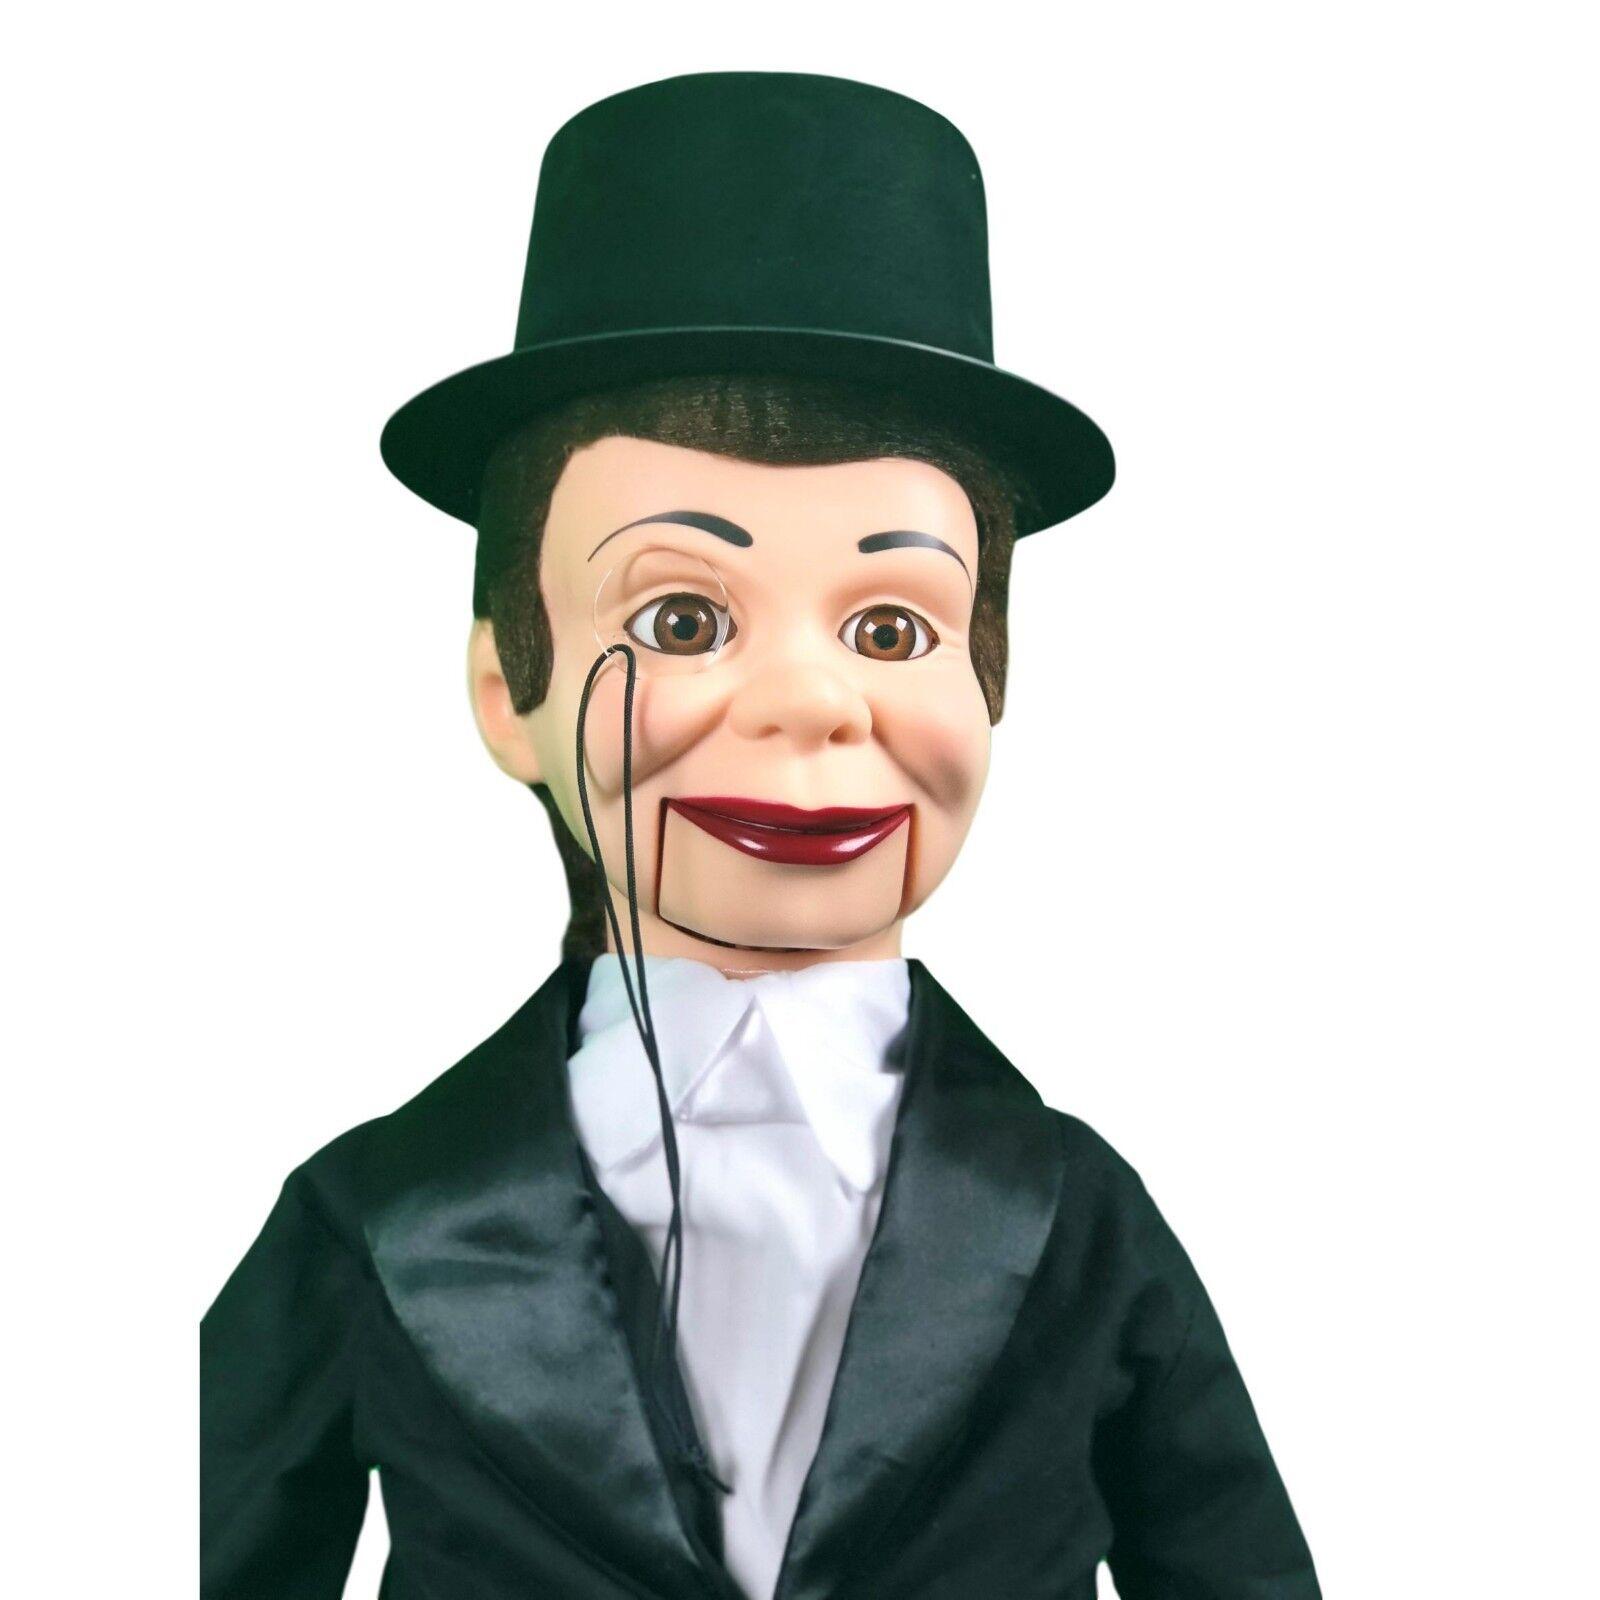 Charlie McCarthy Deluxe actualización Ventrílocuo Marioneta De Muñeca maniquí con ojos en movimiento